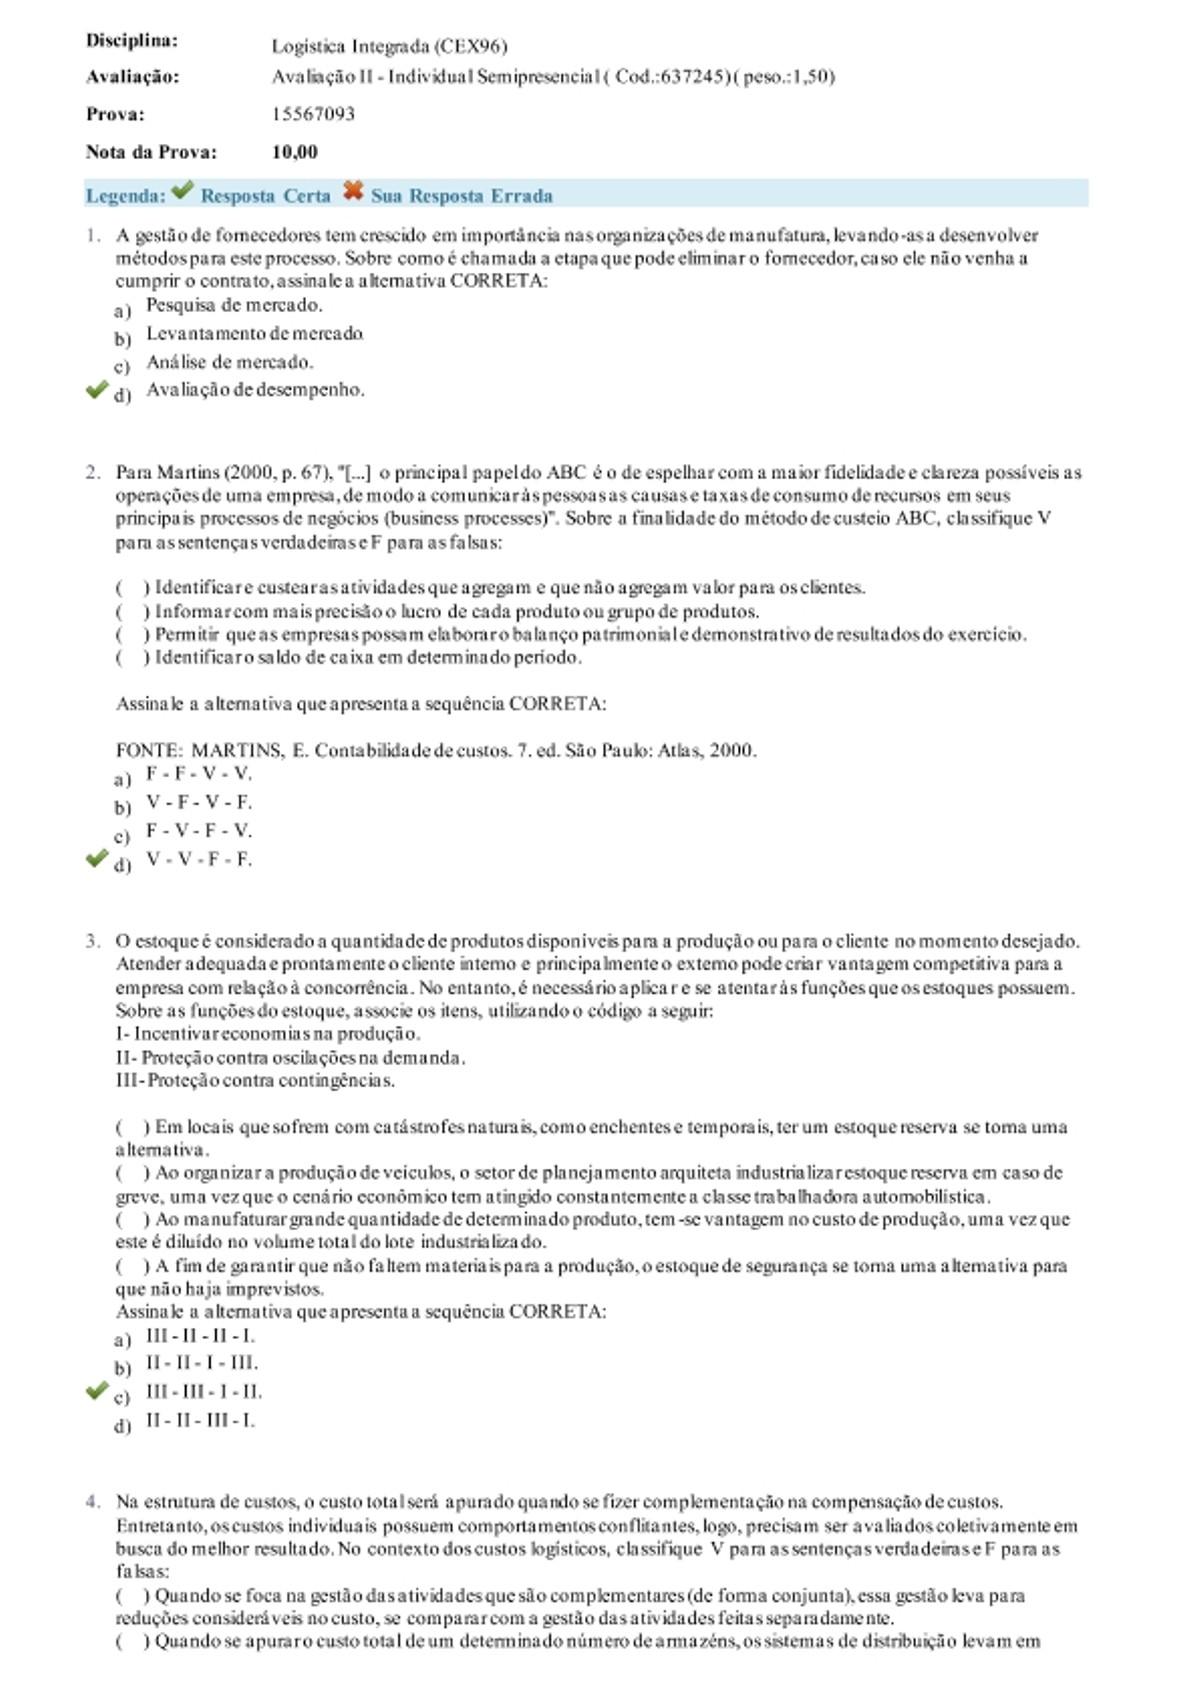 Pre-visualização do material ava Logística - página 1